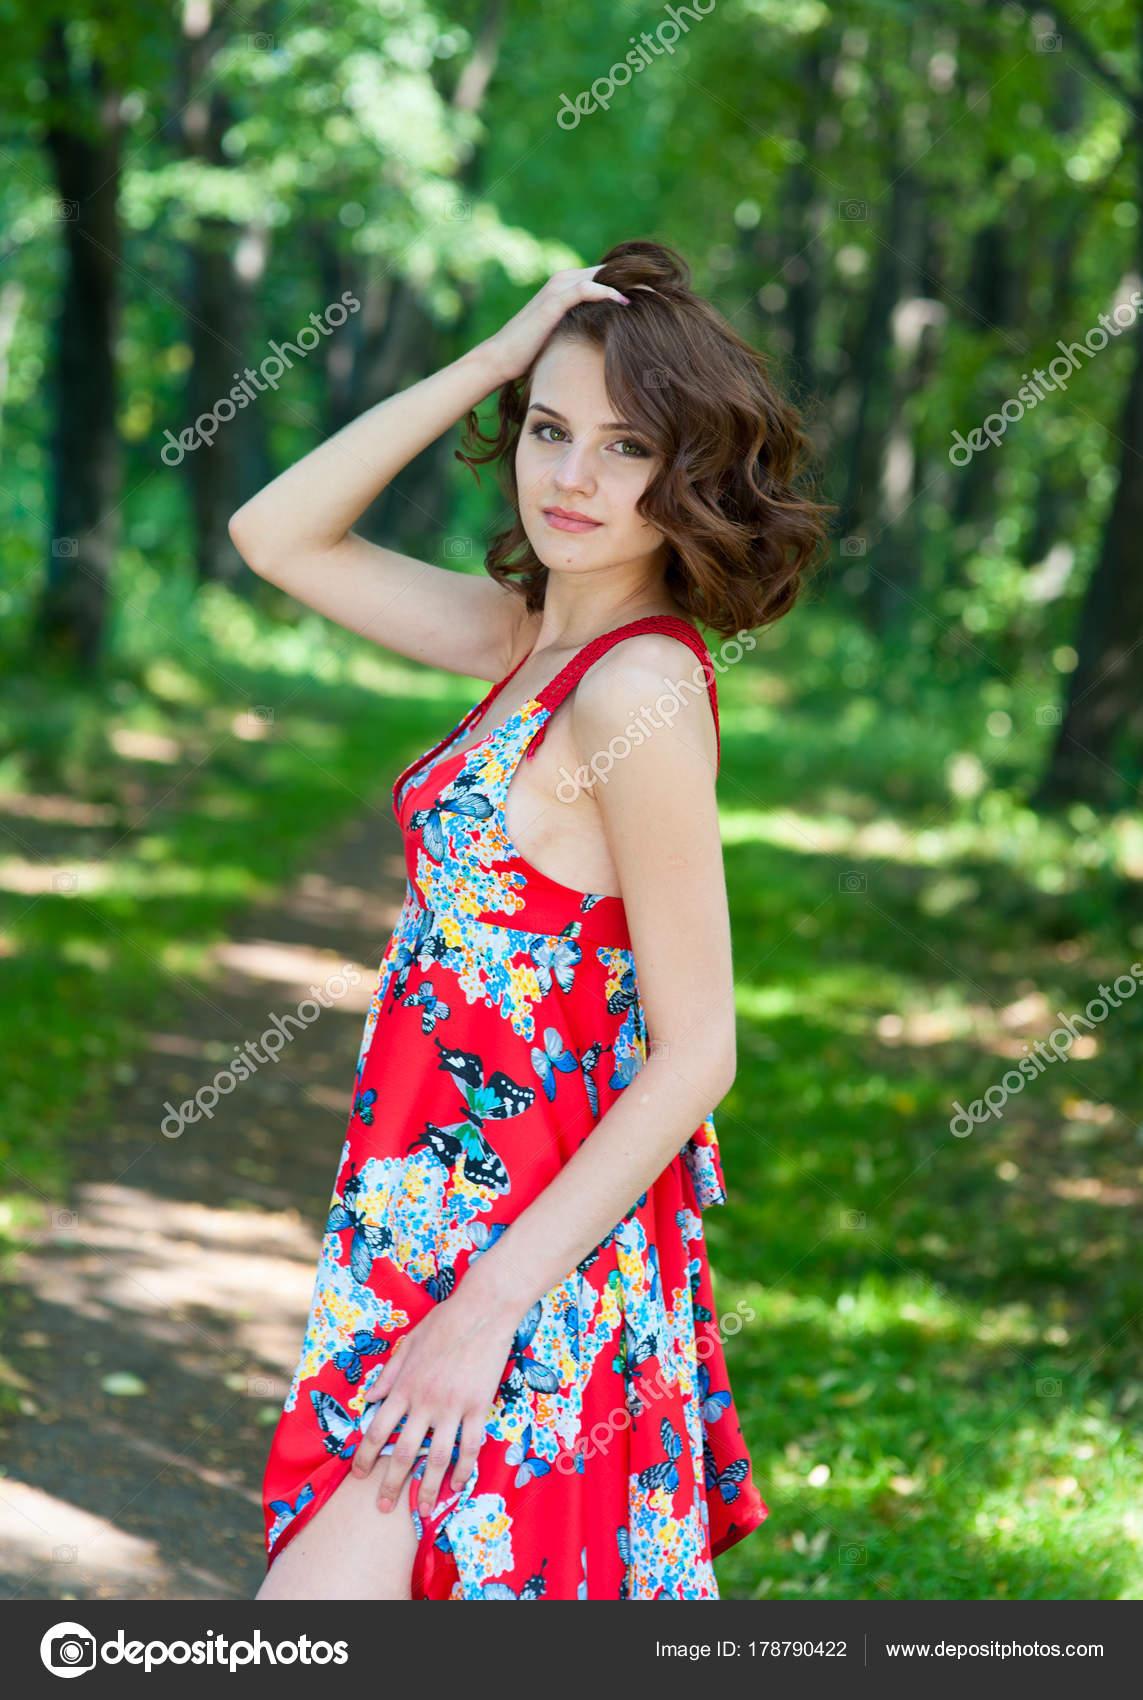 cbd66ed43b99ef Jonge brunette meisje in de rode jurk poseren op steegje in zomer park  tegen bomen —